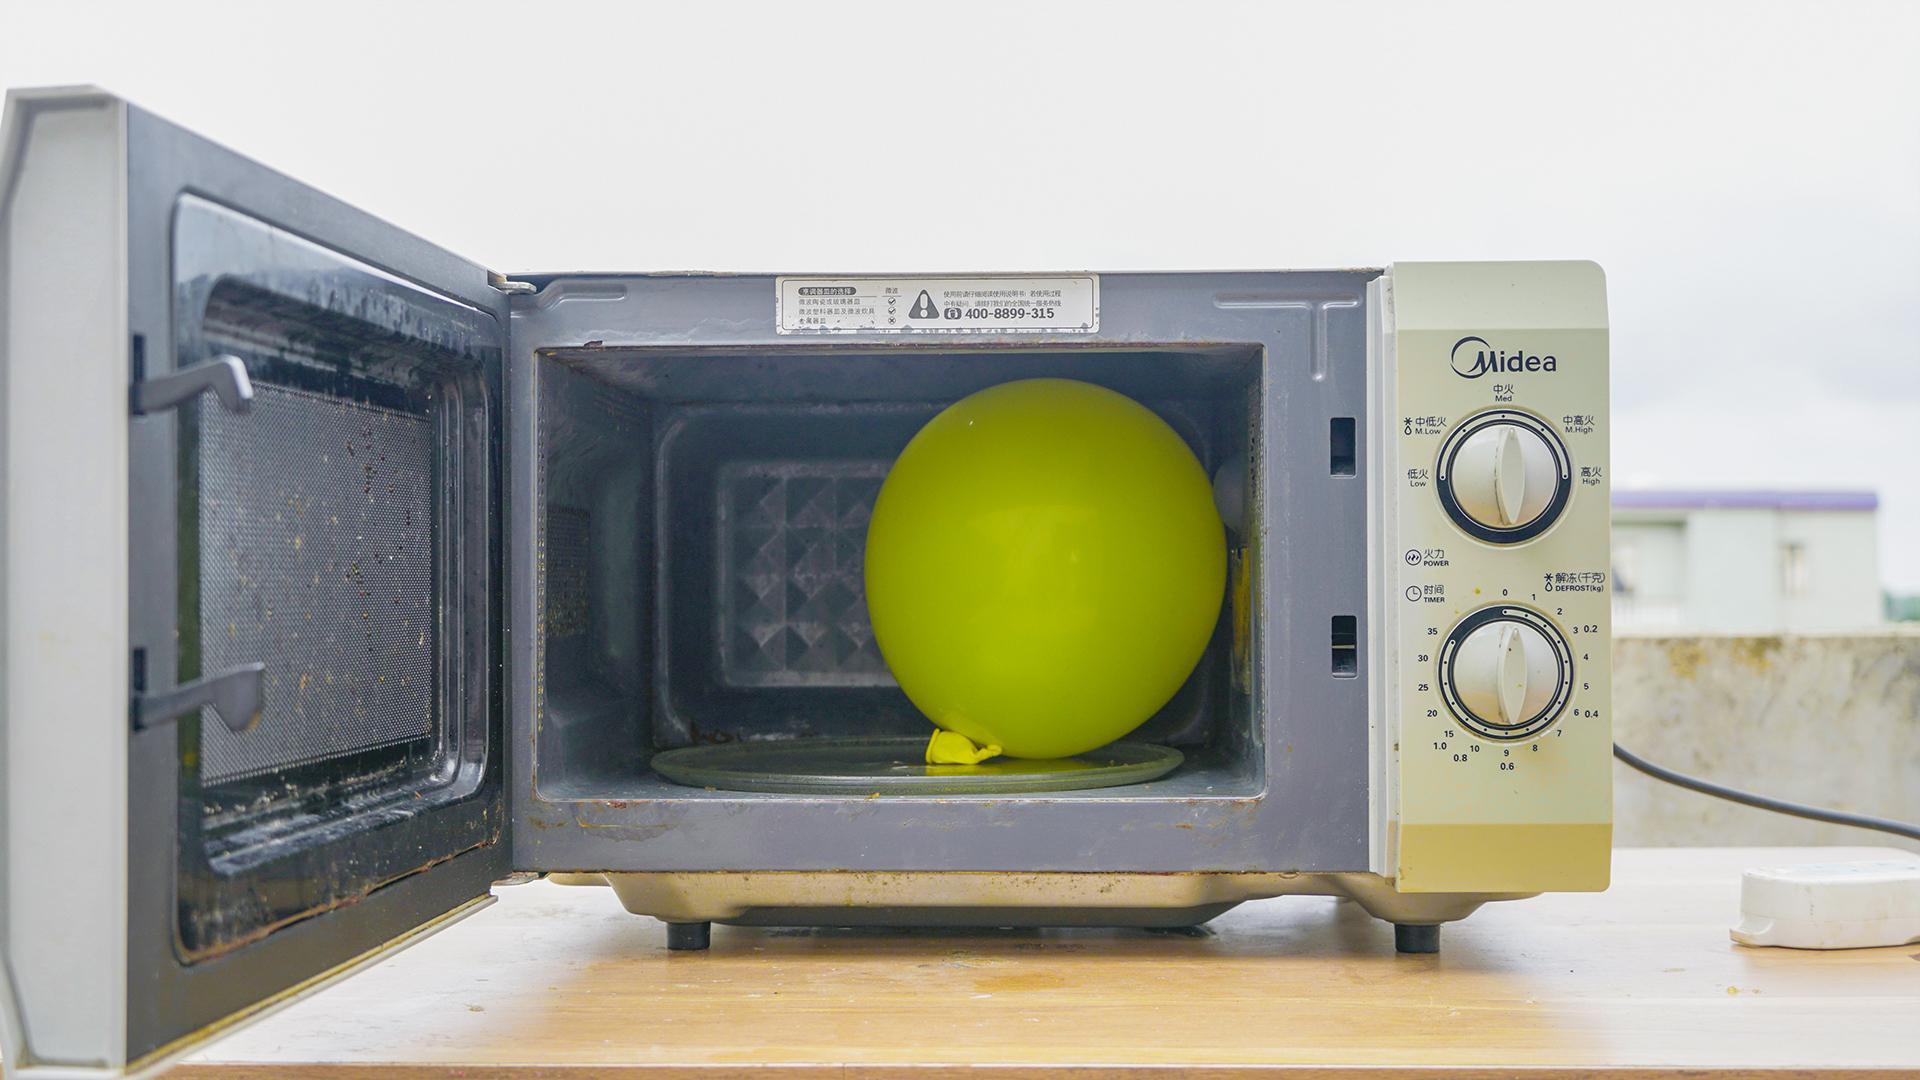 """将""""气球""""放进微波炉里面加热,气球会破吗?"""